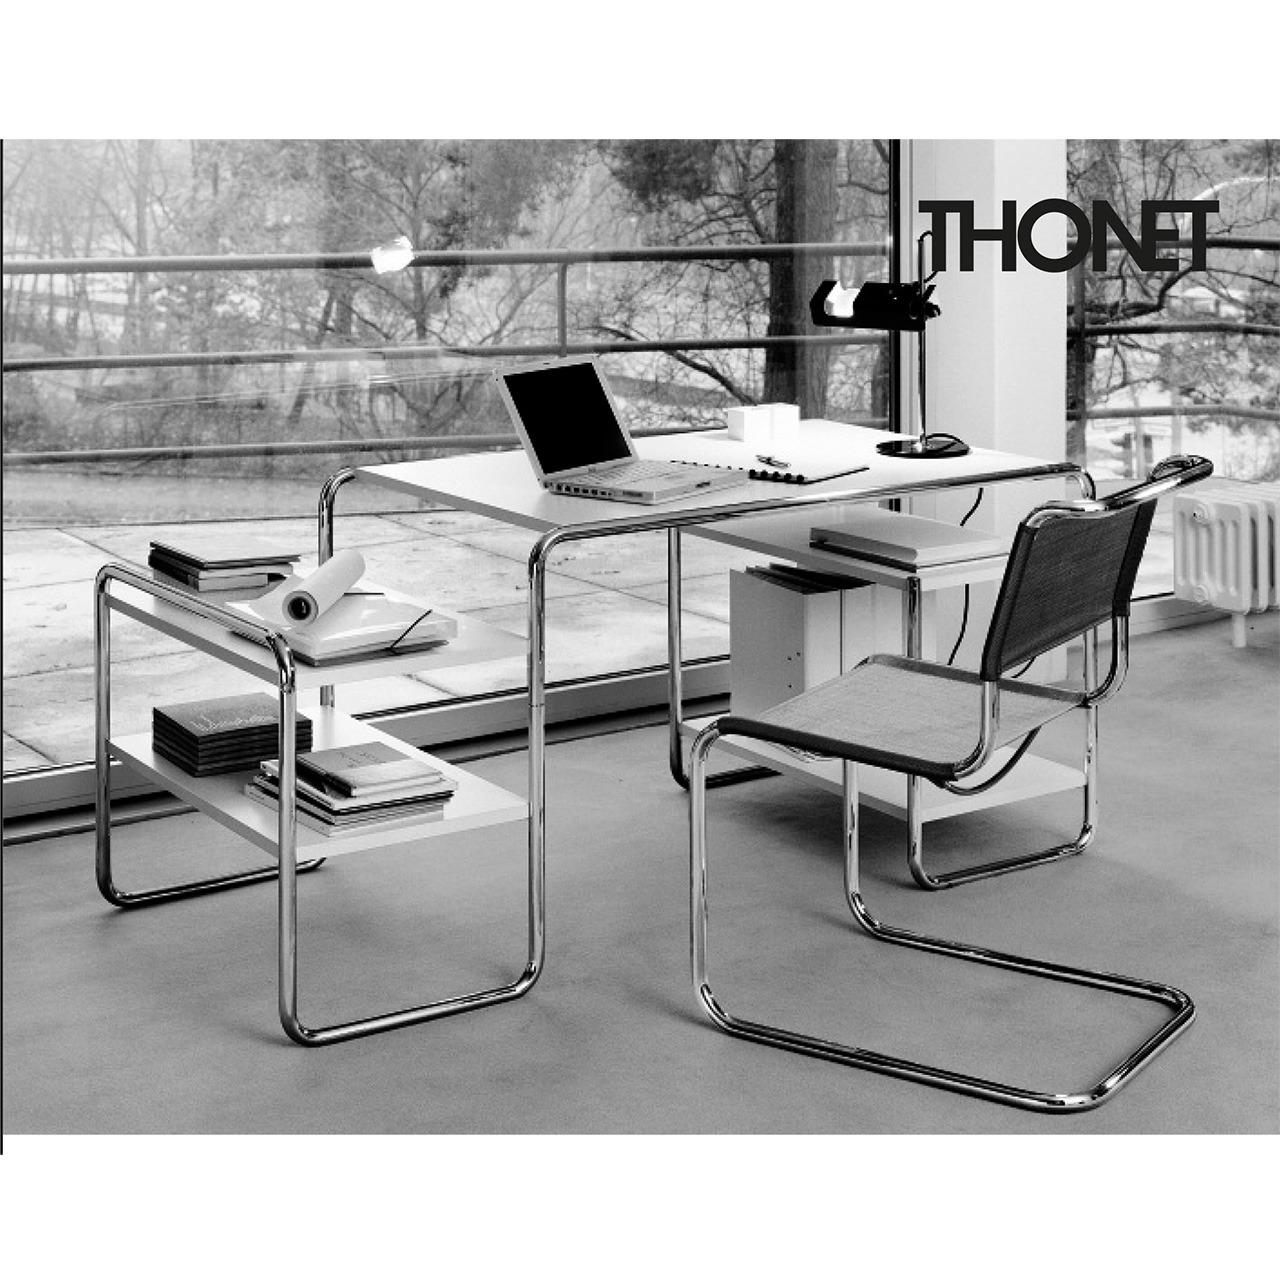 Thonet_Stuhl_S33_4